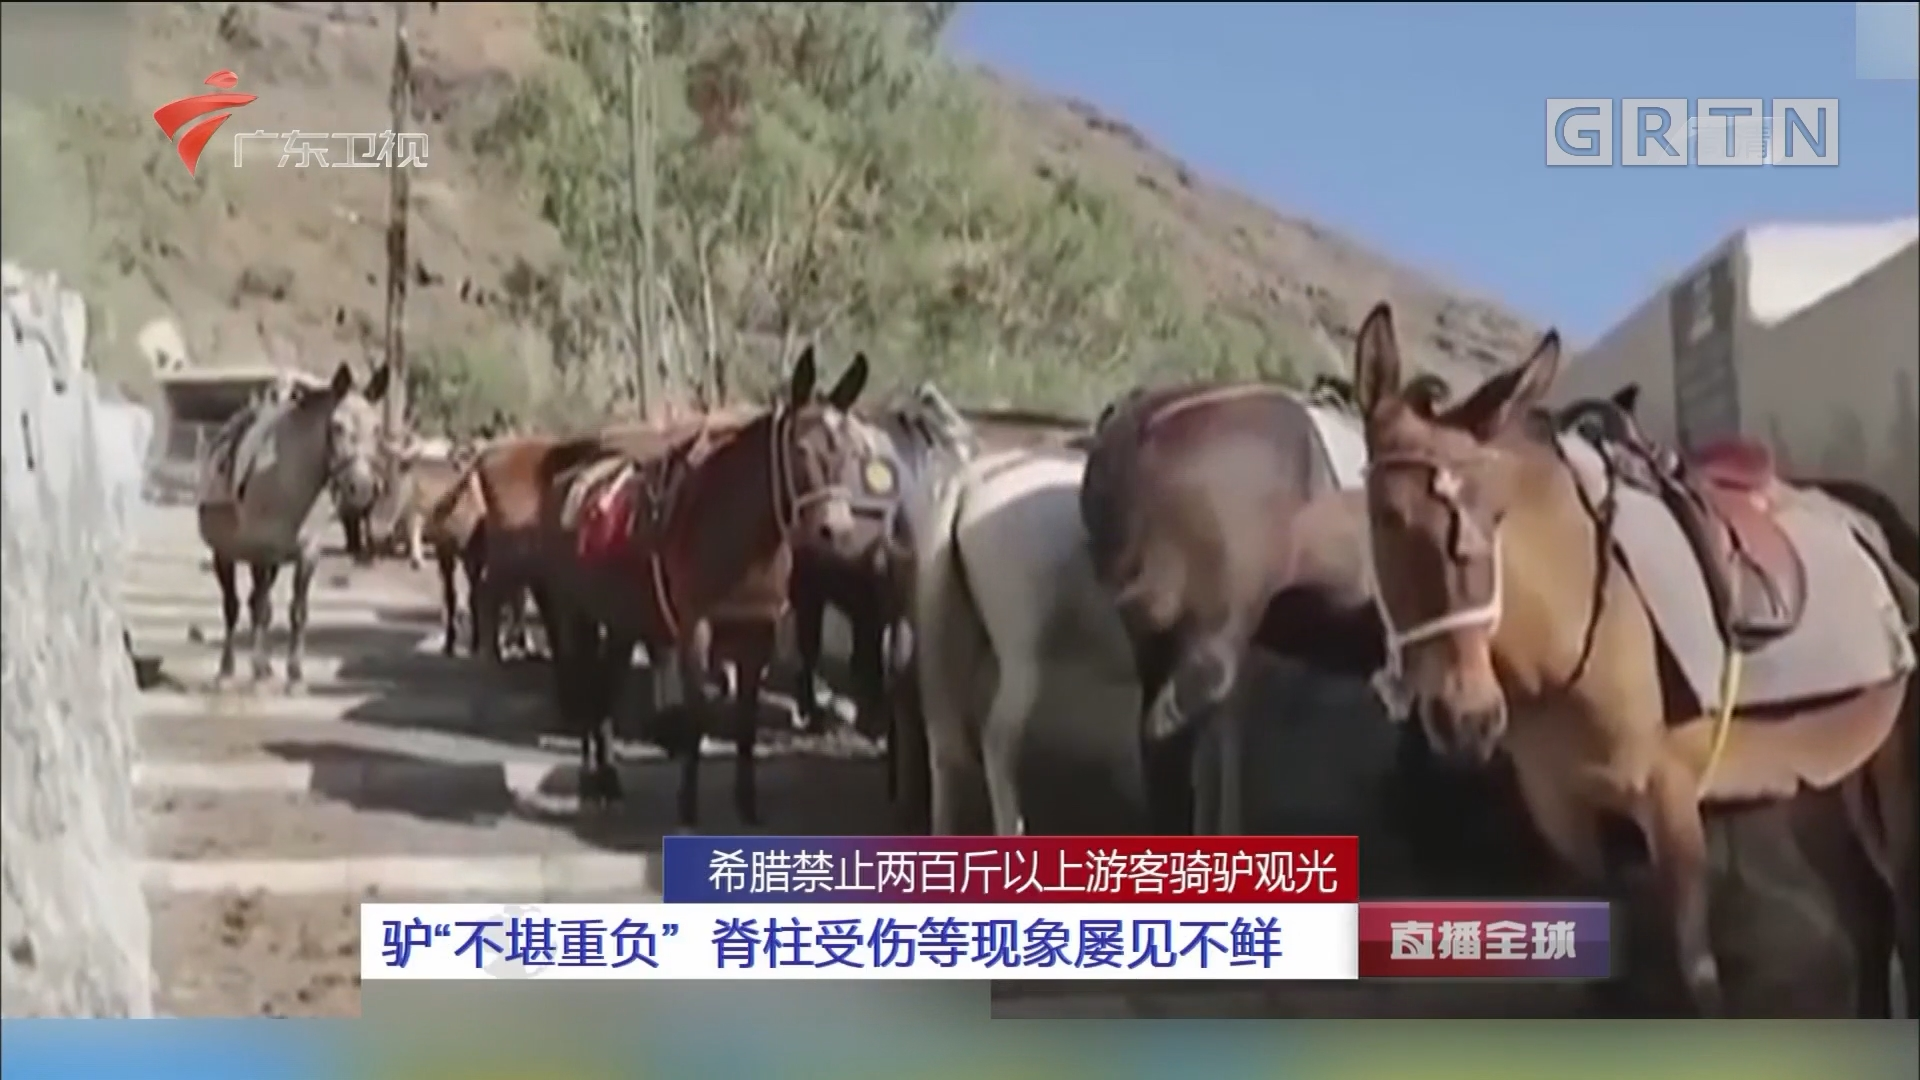 """希腊禁止两百斤以上游客骑驴观光 驴""""不堪重负"""" 脊柱受伤等现象屡见不鲜"""